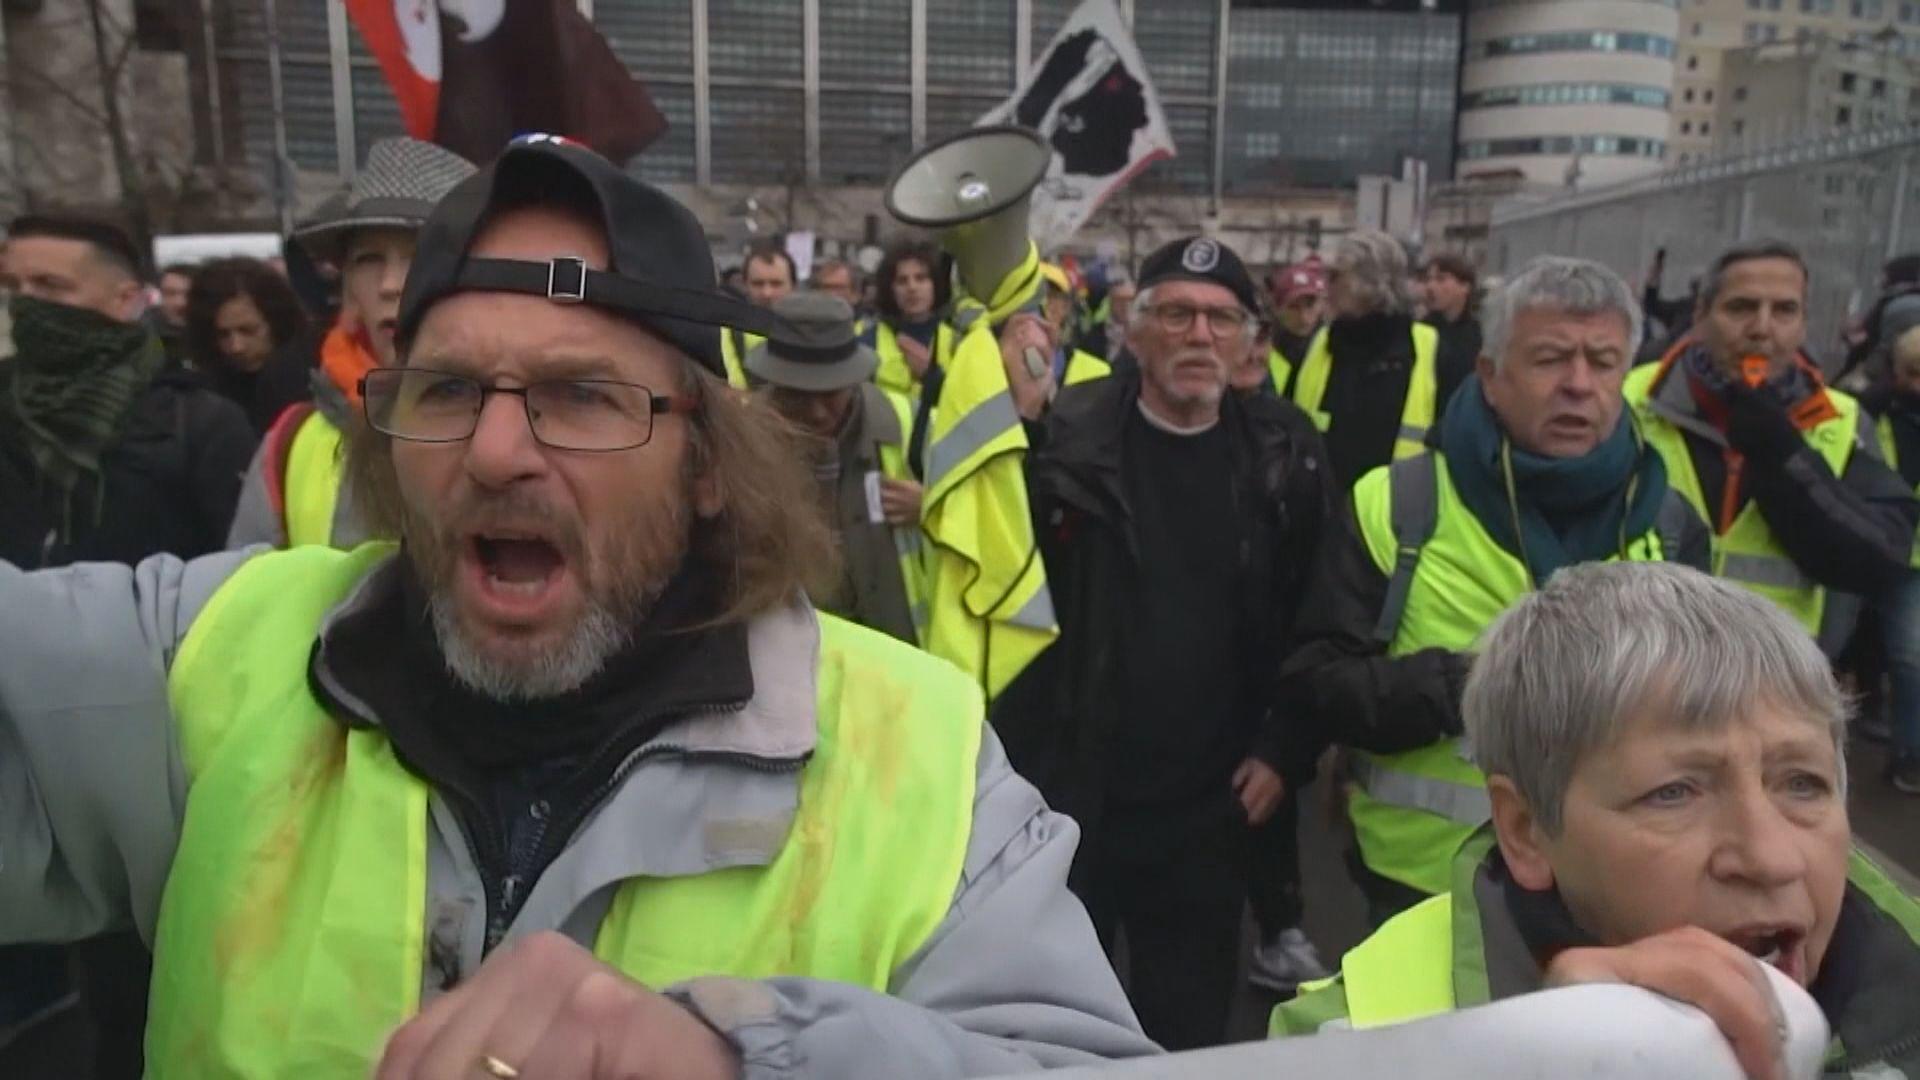 法國黃背心示威者抗議政府改革退休金制度